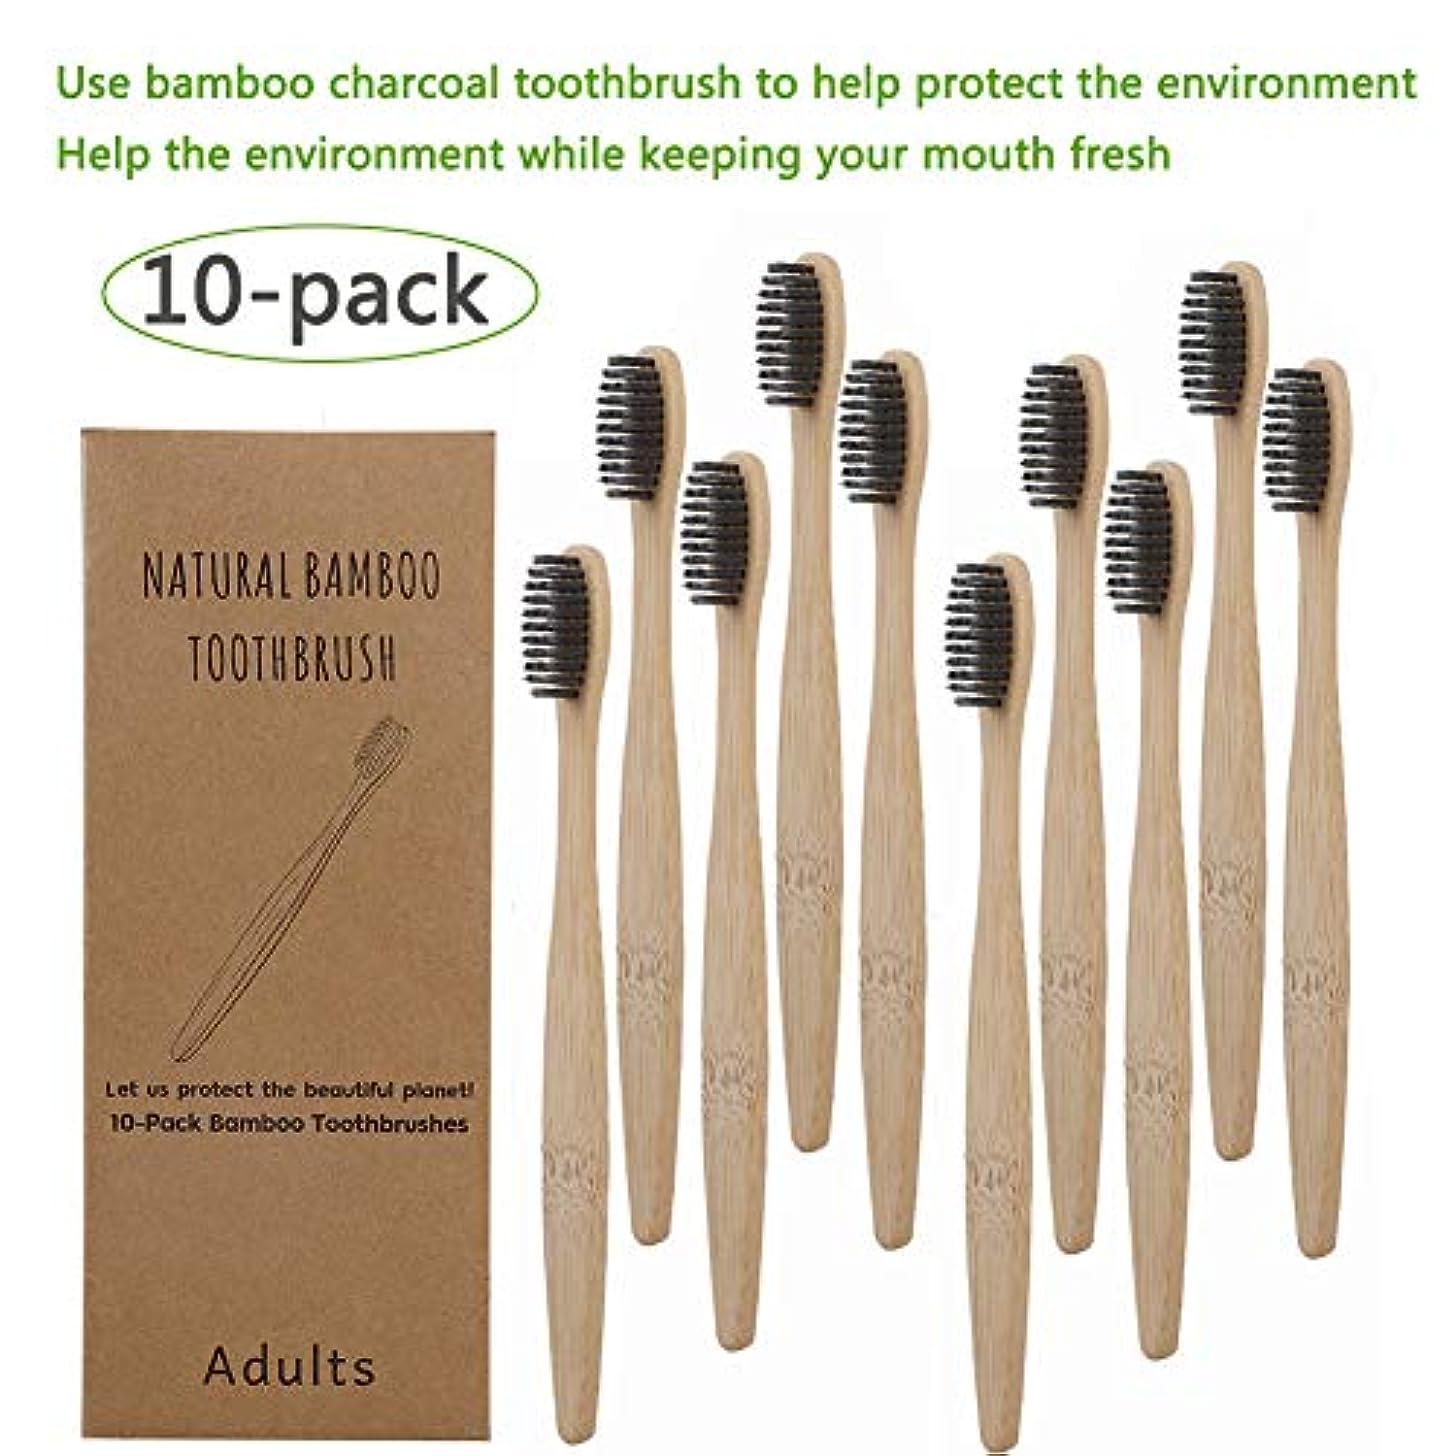 負荷第三にぎやかDoo 10pcs 大人用竹の歯ブラシ 天然竹歯ブラシ 環境保護 柔らかい 歯ブラシ 口腔ケア 竹歯ブラシ 携帯用 旅行用 出張用